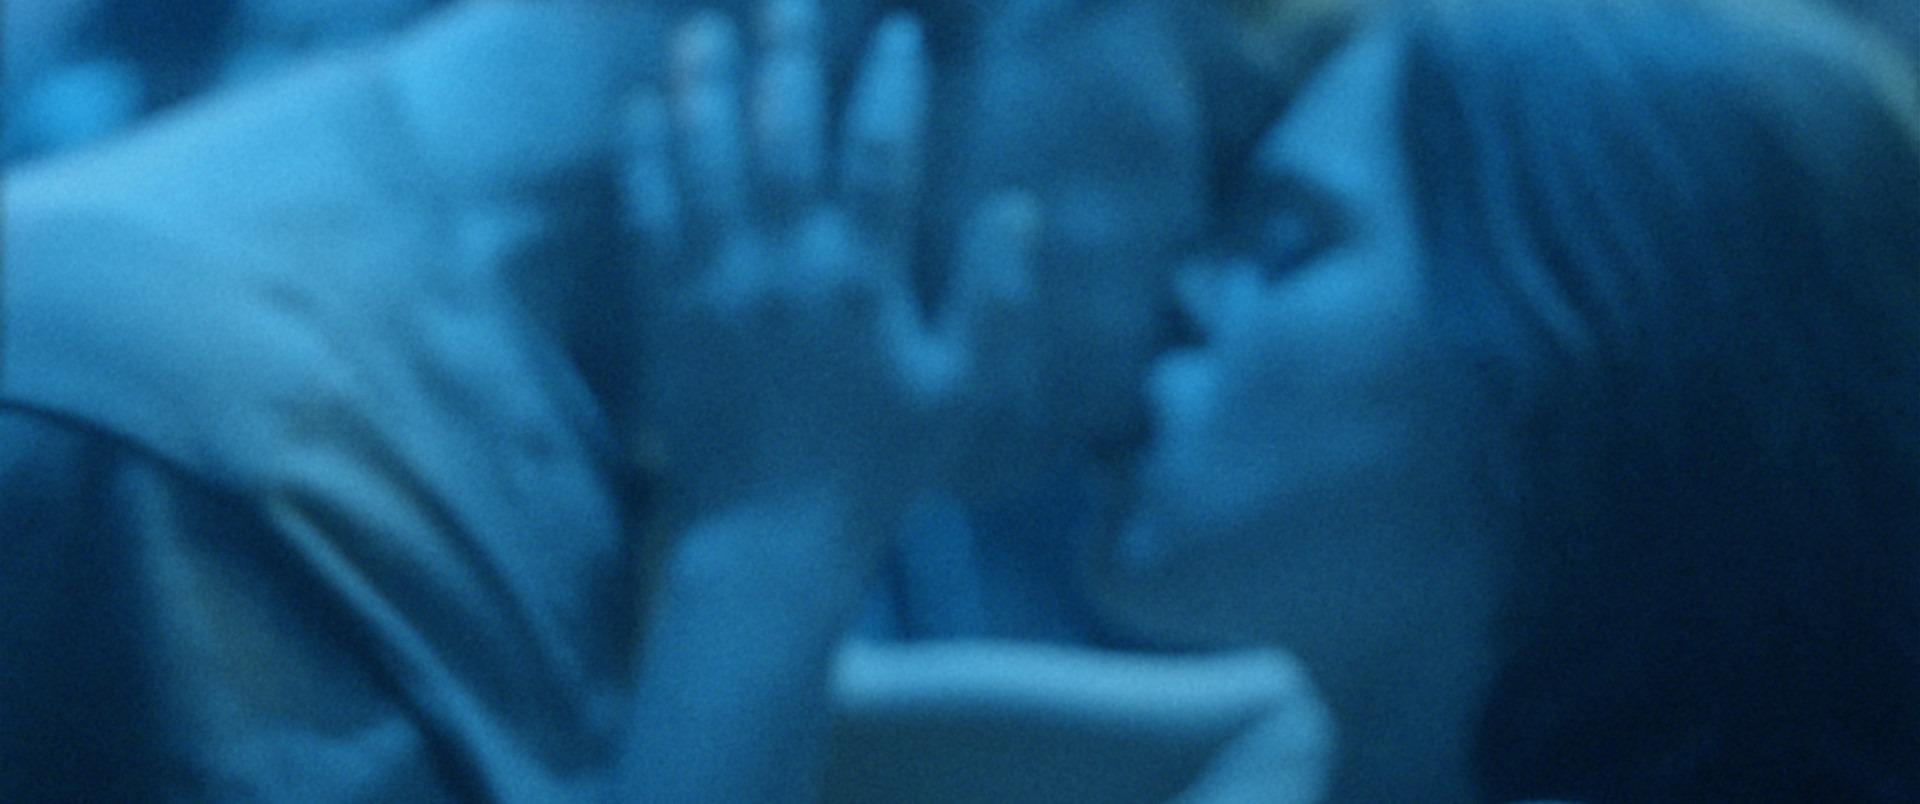 Photo 7 MELATONIN STILL 1.41.1